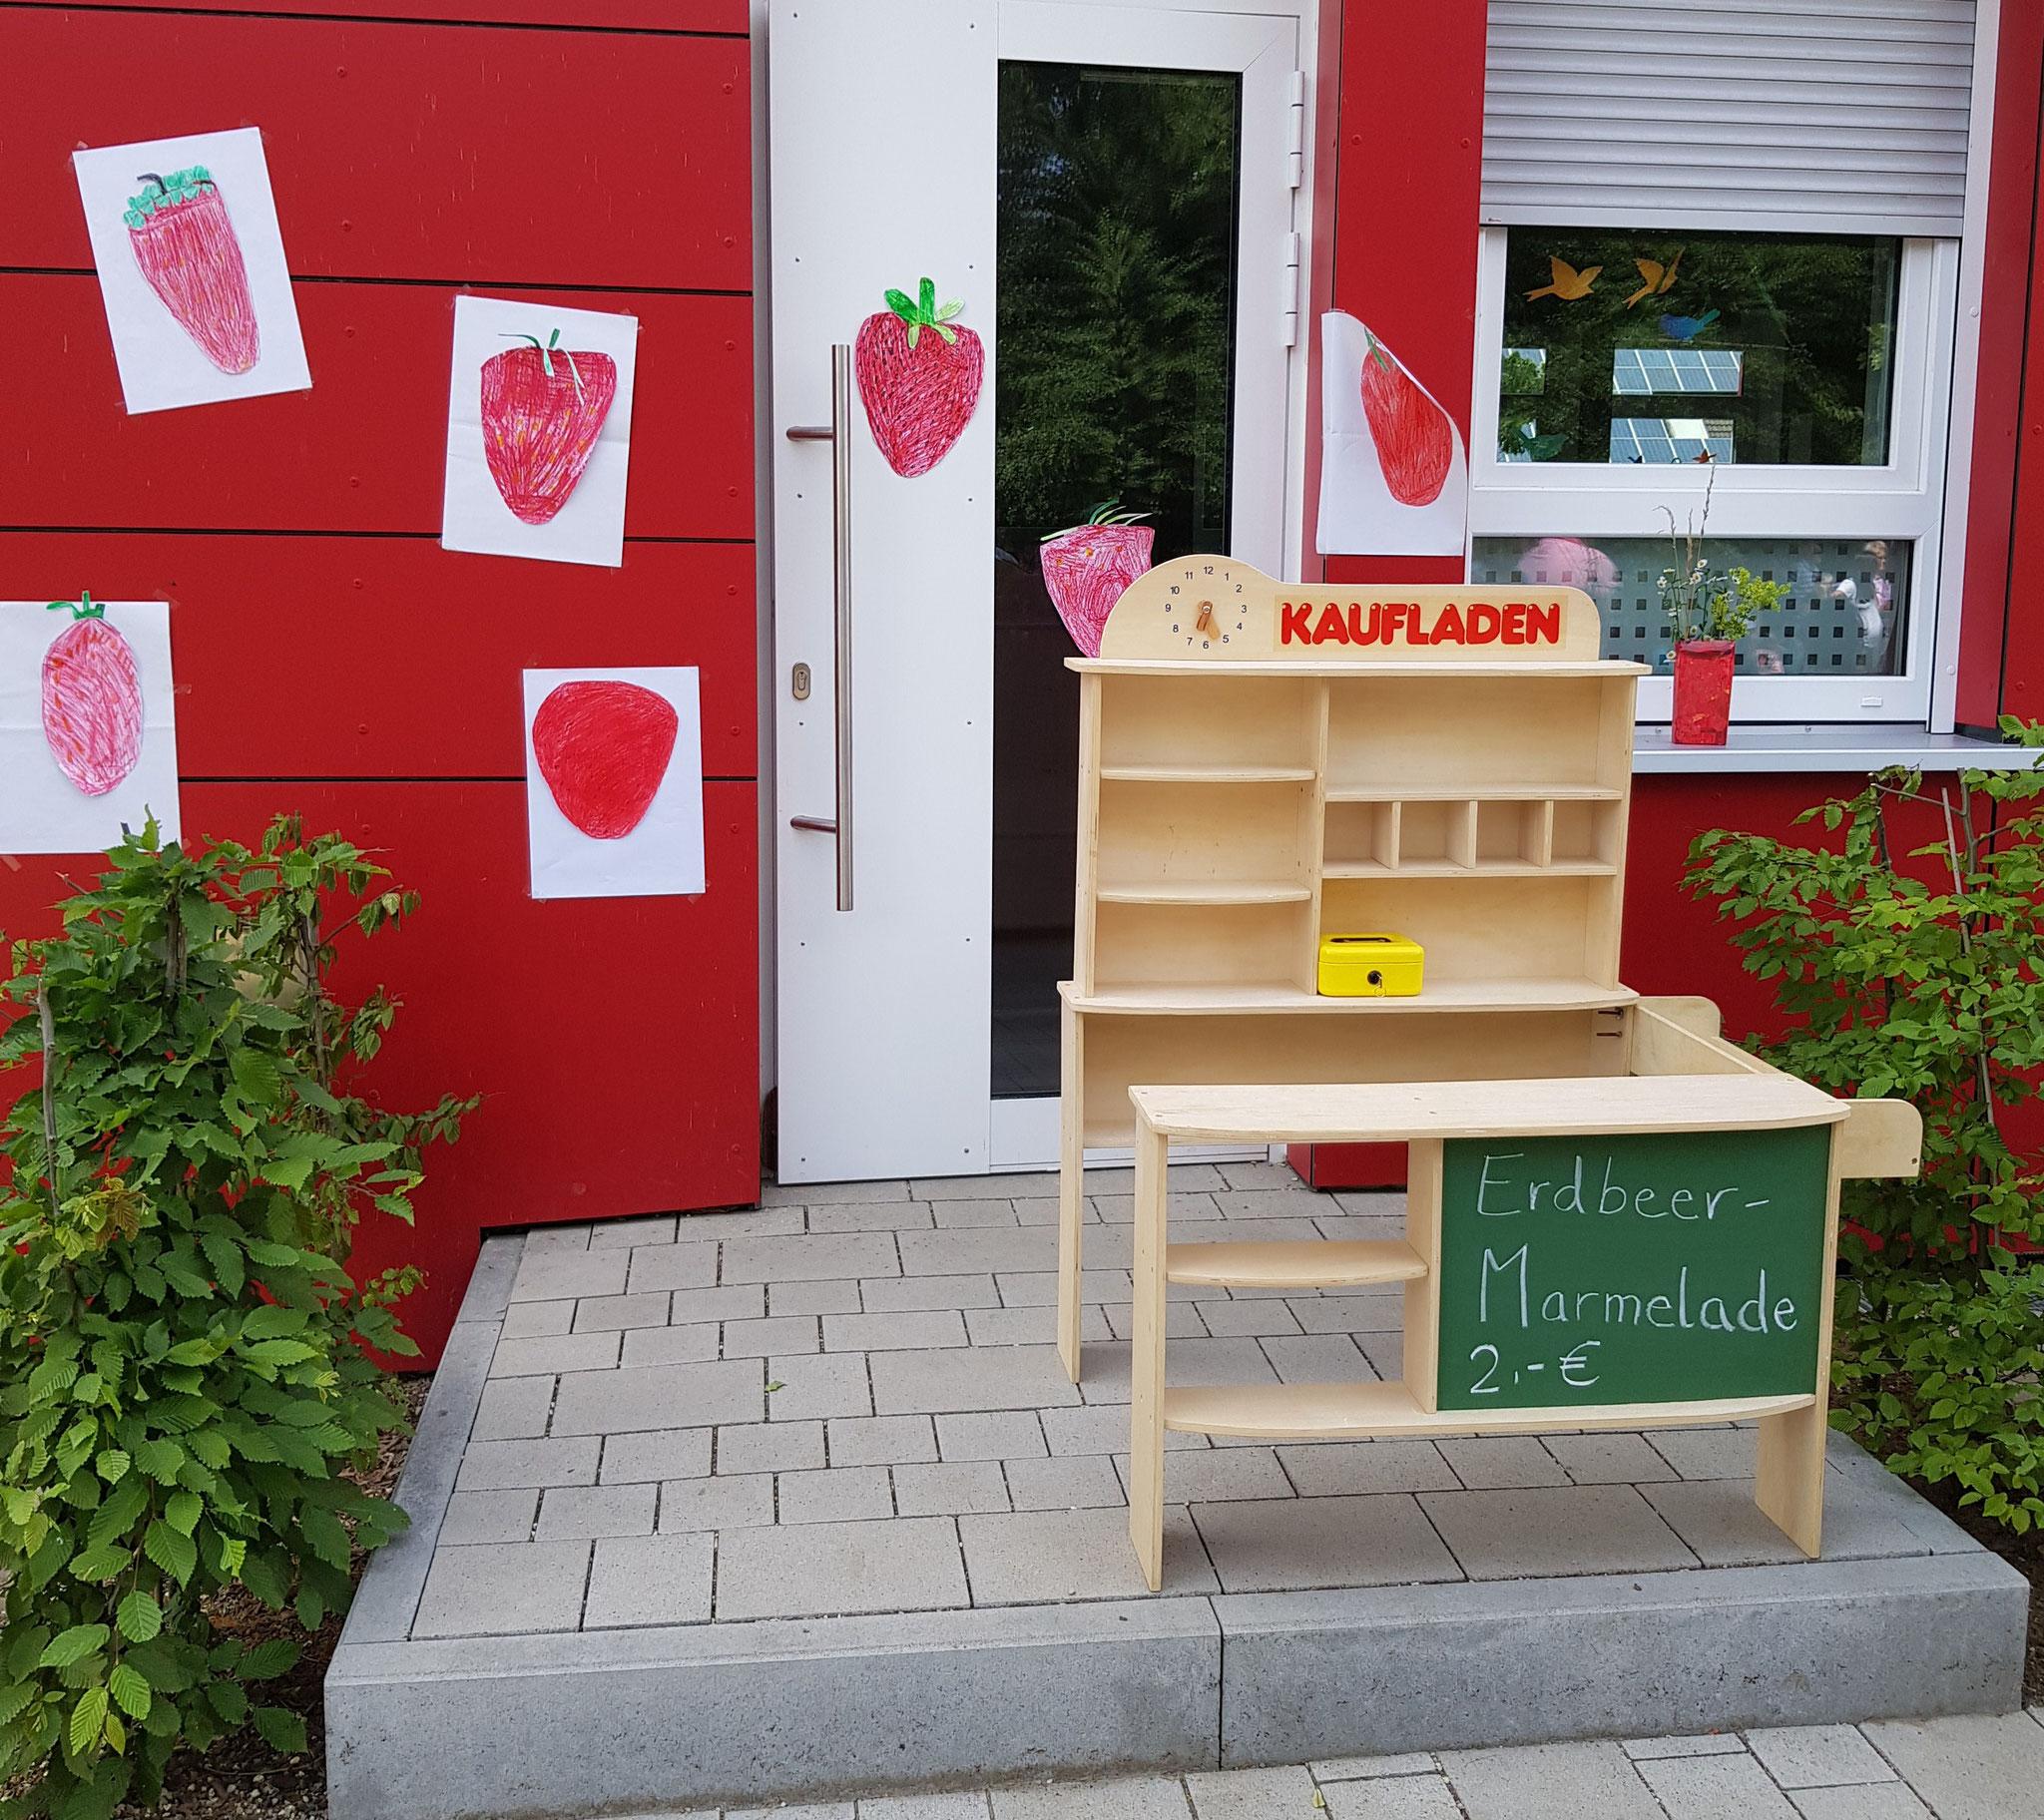 Verkauf von selbst gemachter Erdbeermarmelade